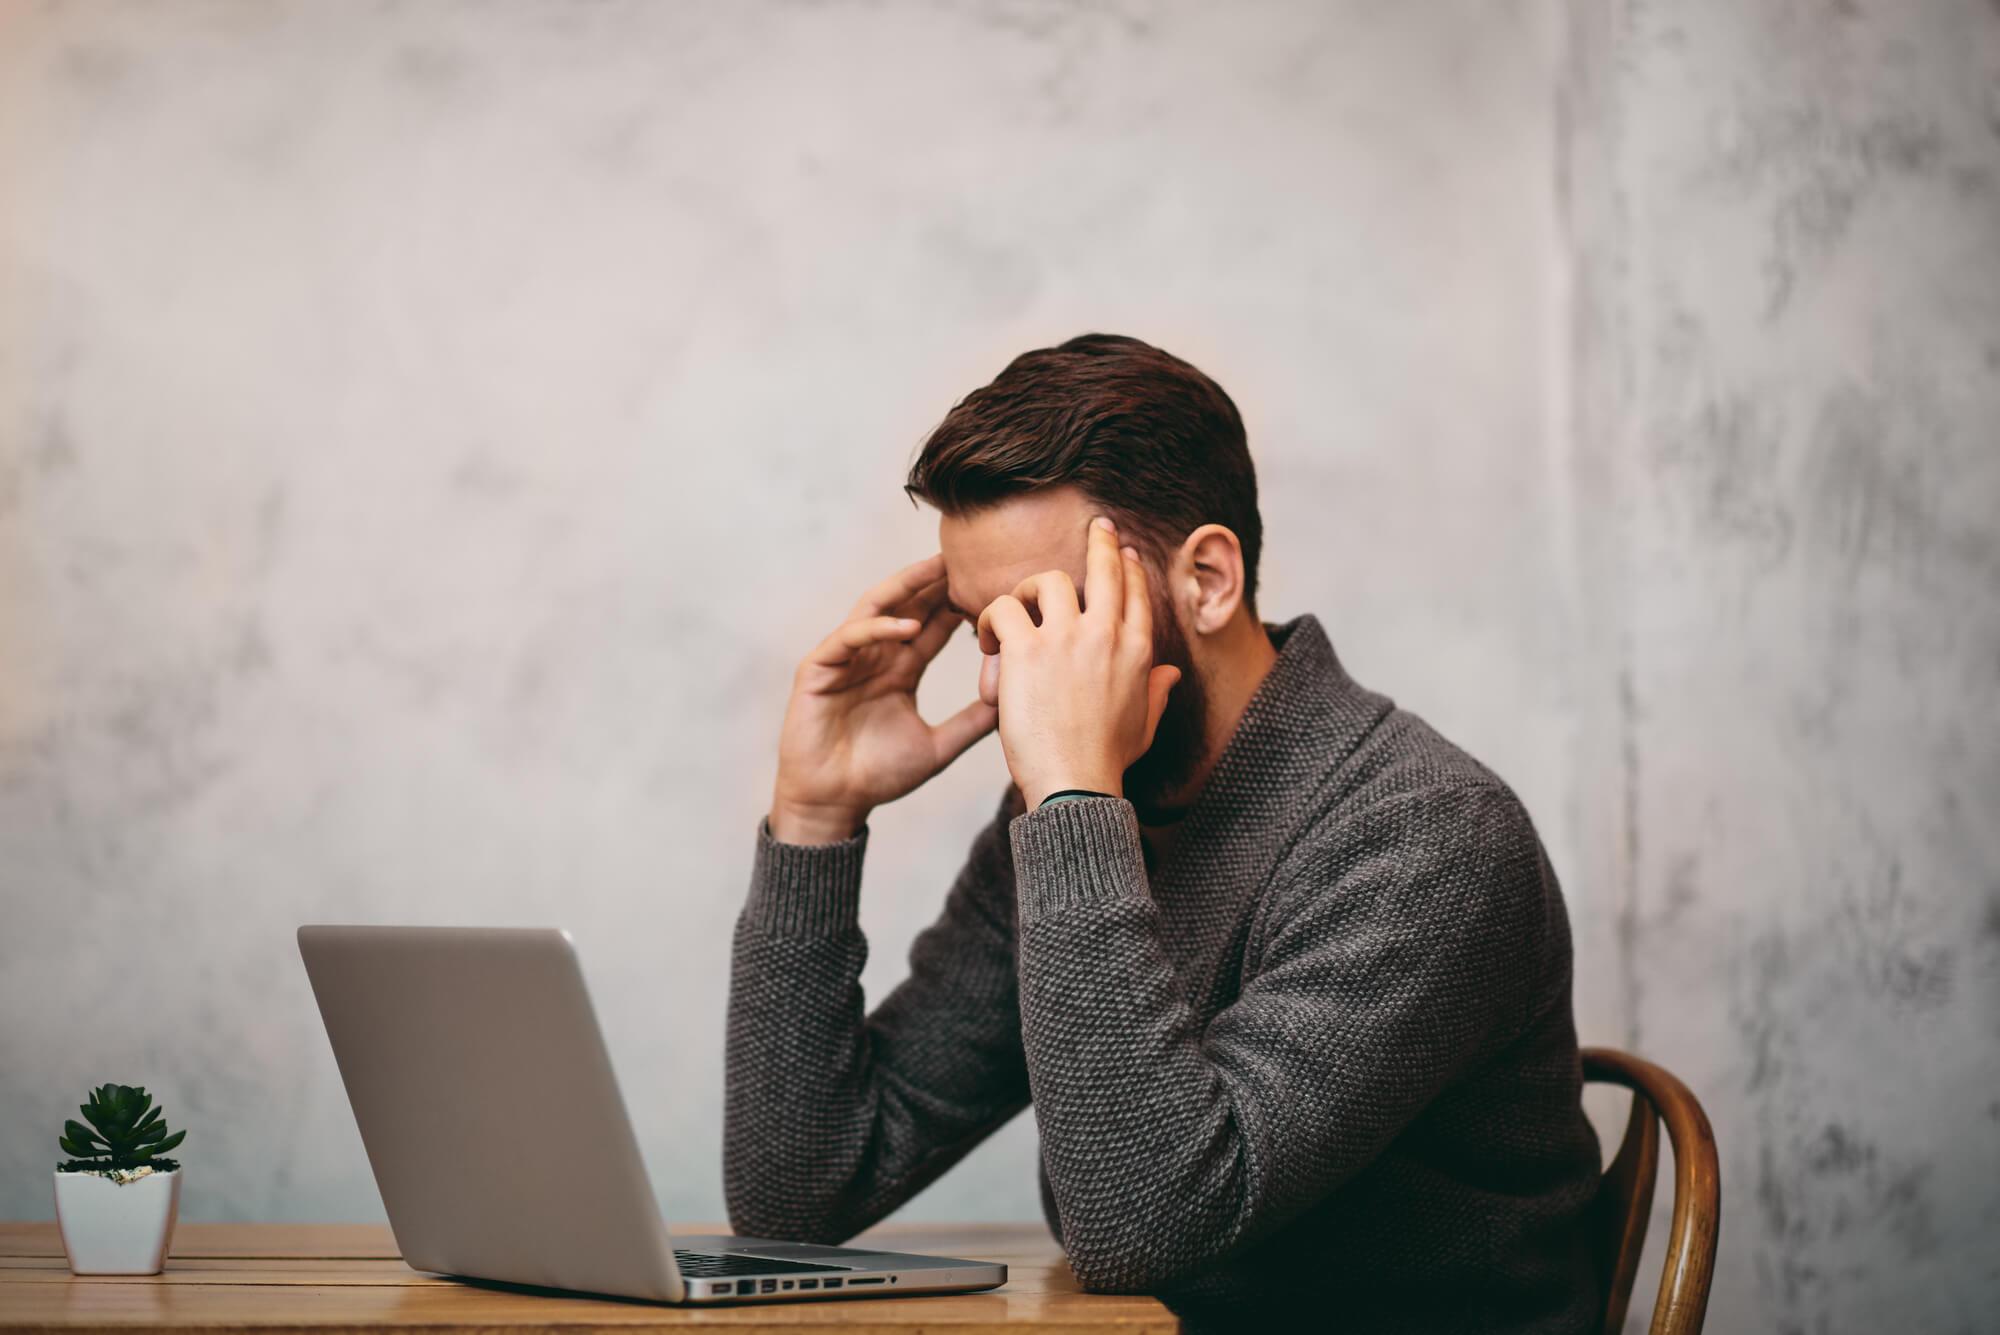 последствия за неуплату кредита